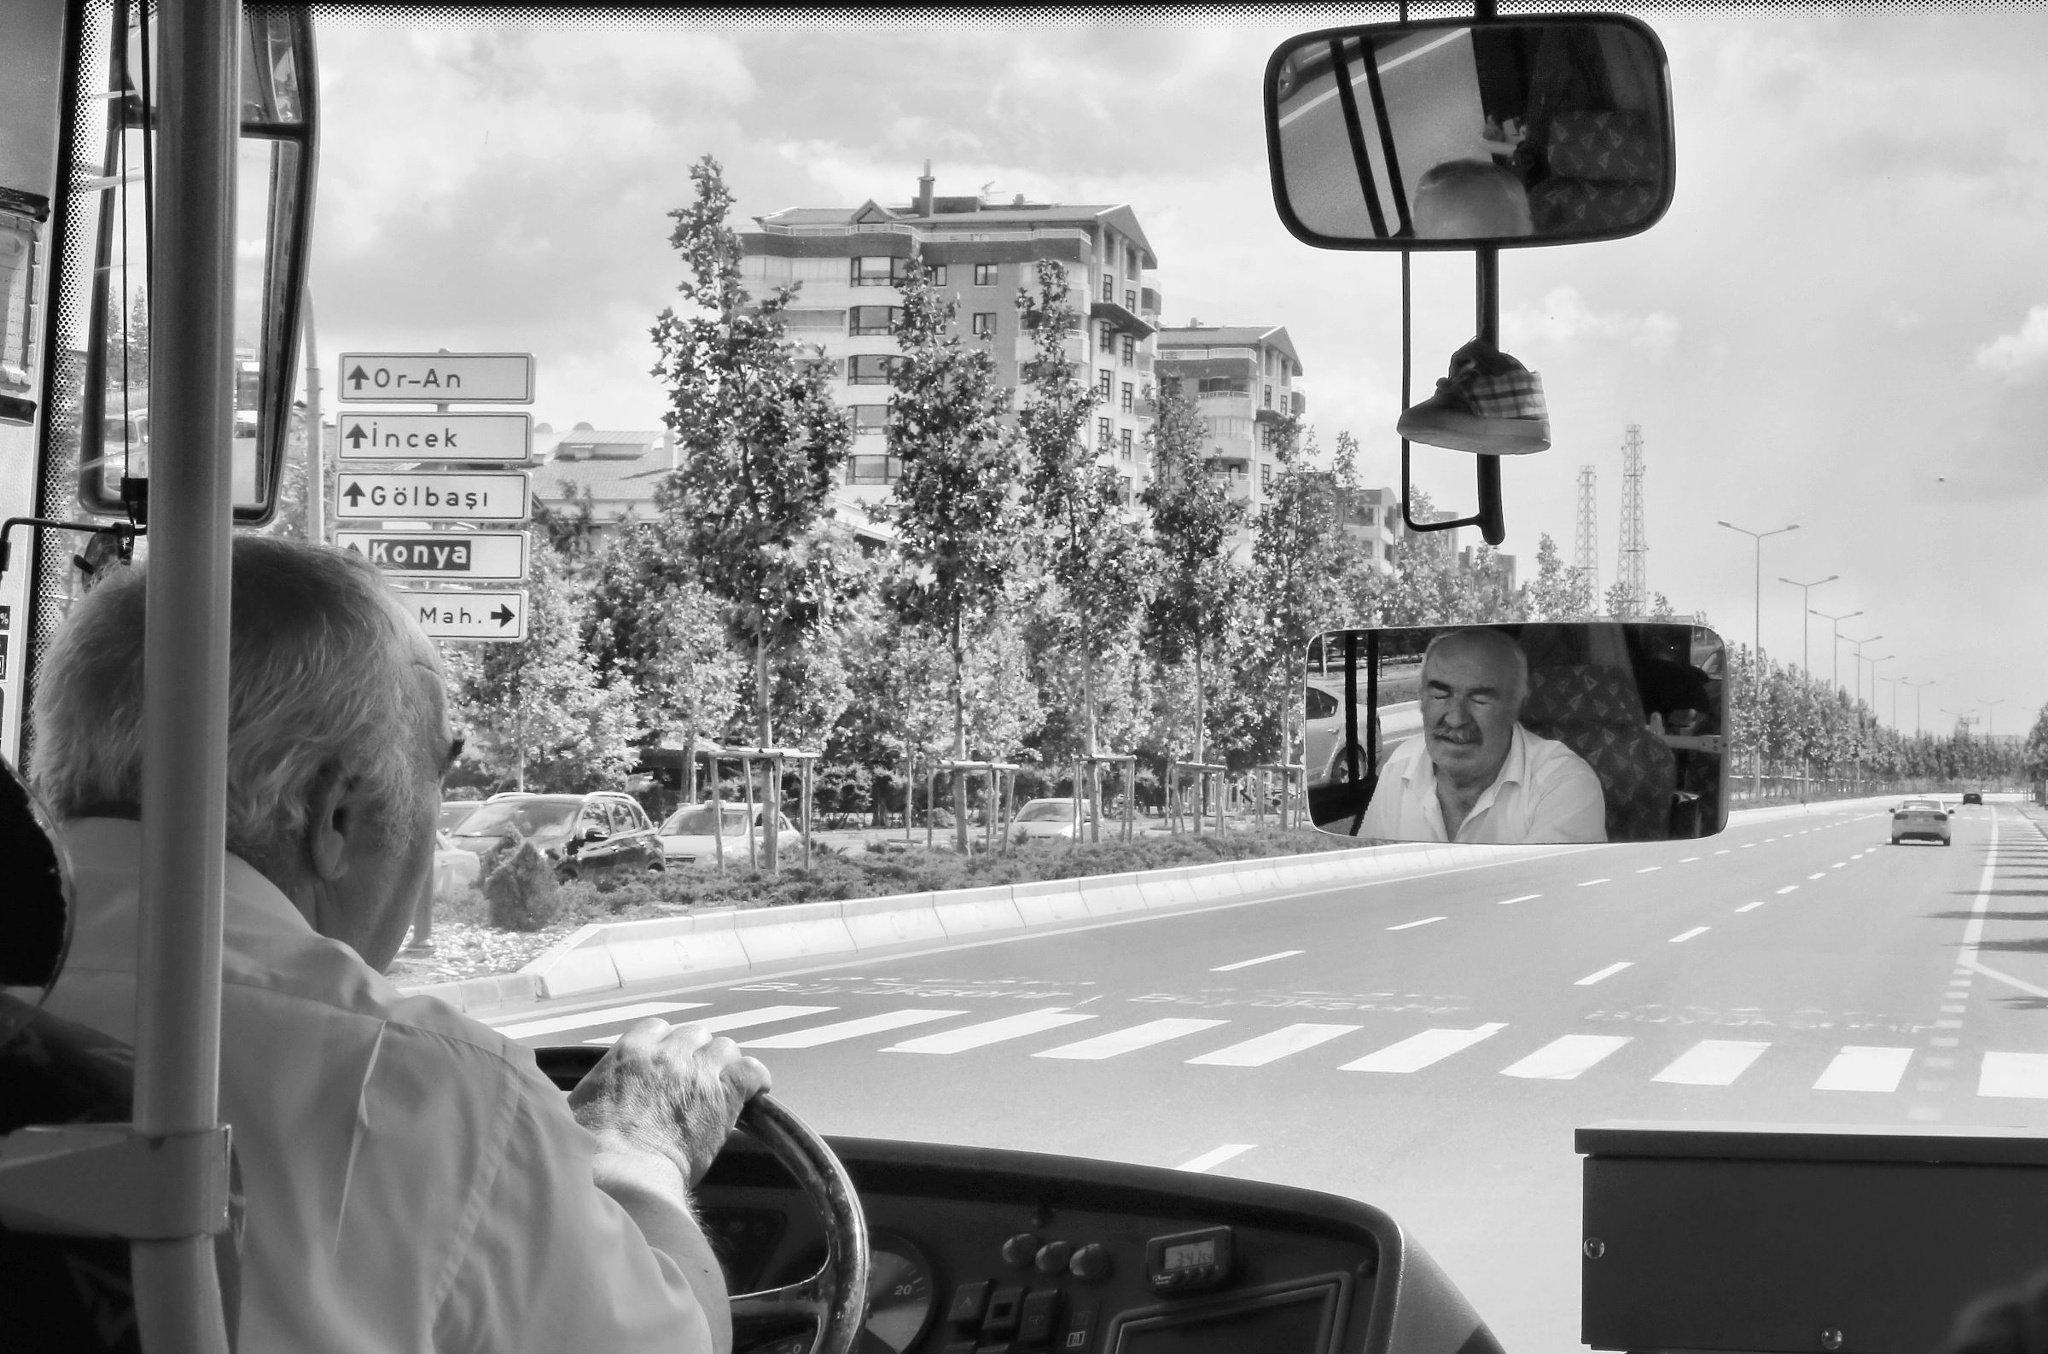 Ankara Tyrkia by Abdelmuhaymin